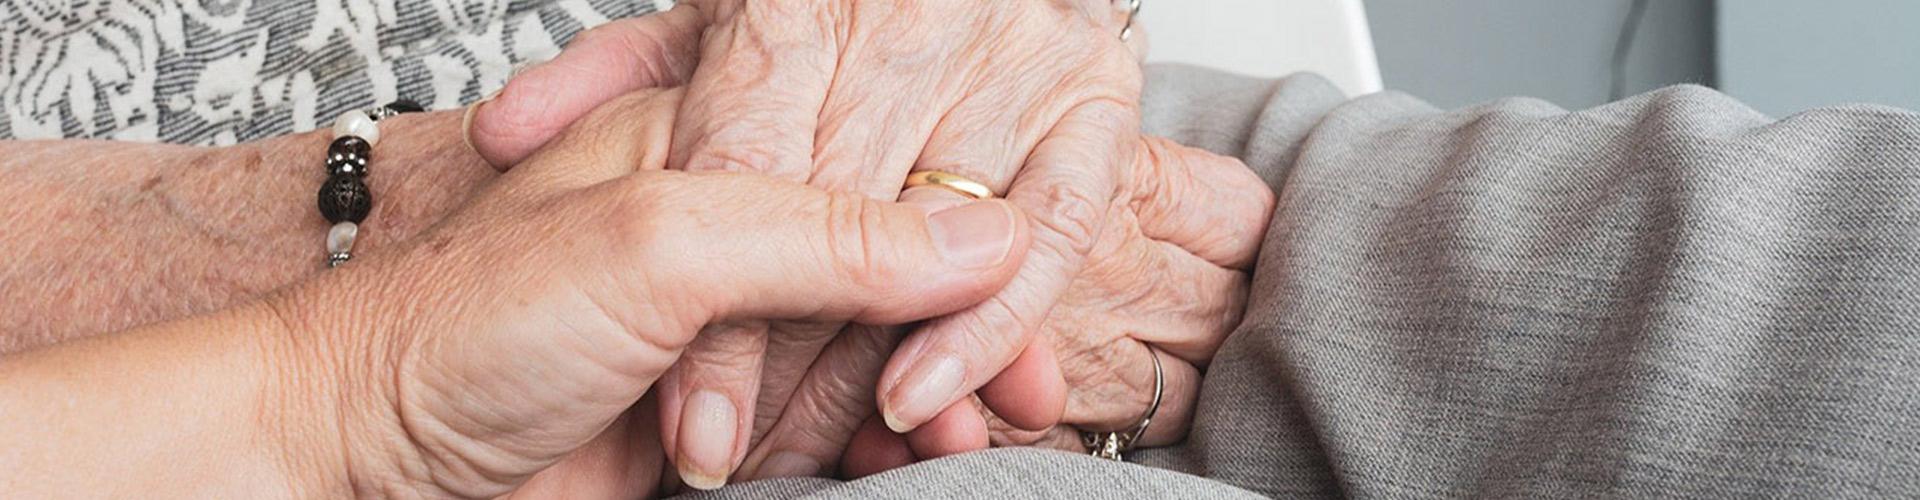 Hilfen für pflegende Angehörige